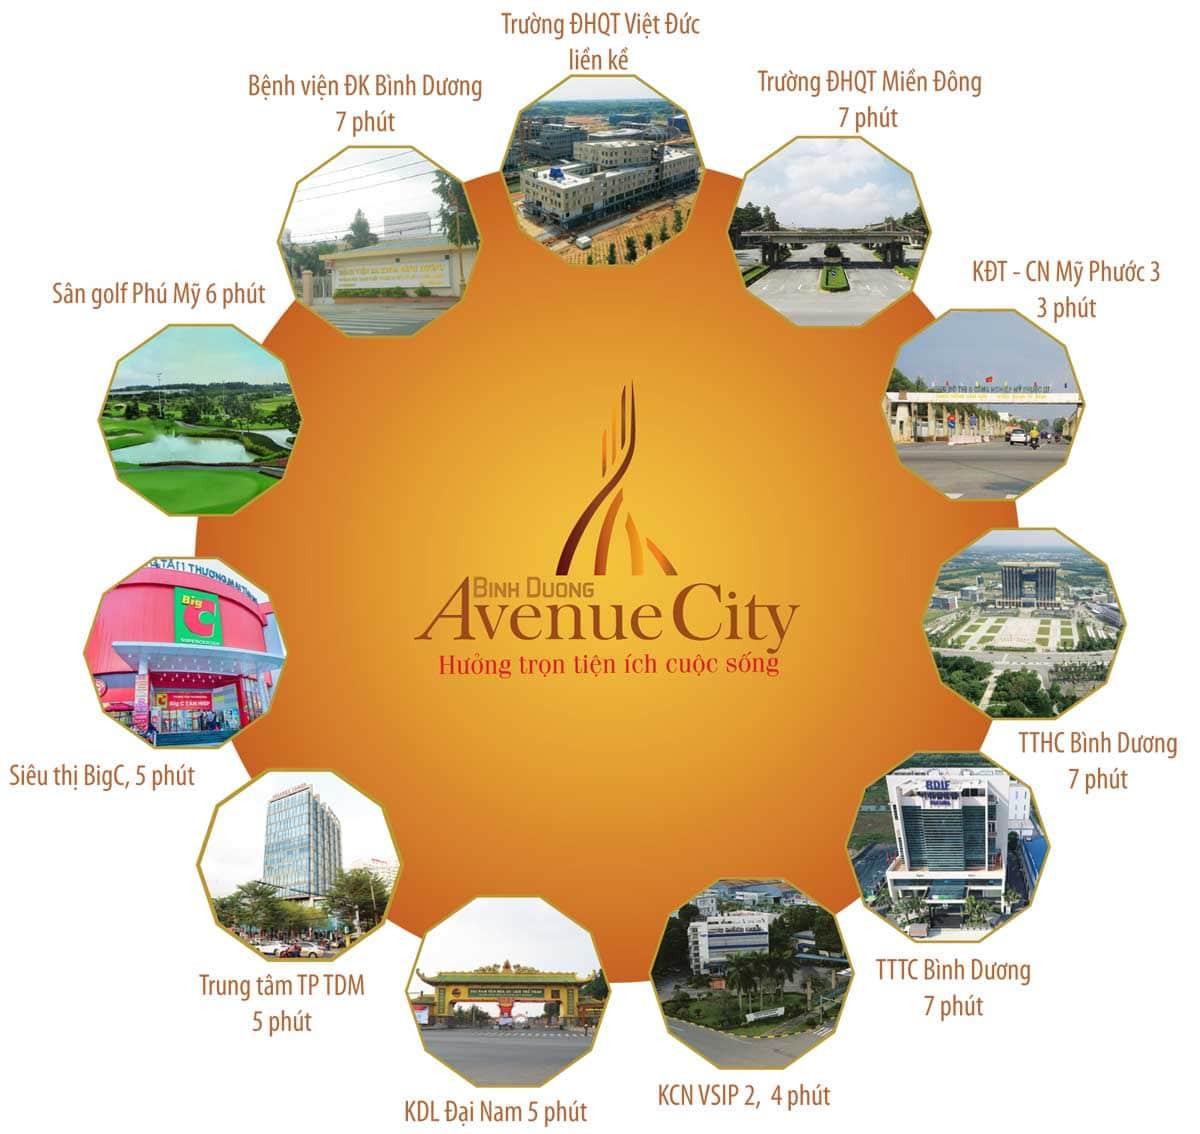 tiện ích liên kết vùng dự án bình dương avenue city - BÌNH DƯƠNG AVENUE CITY